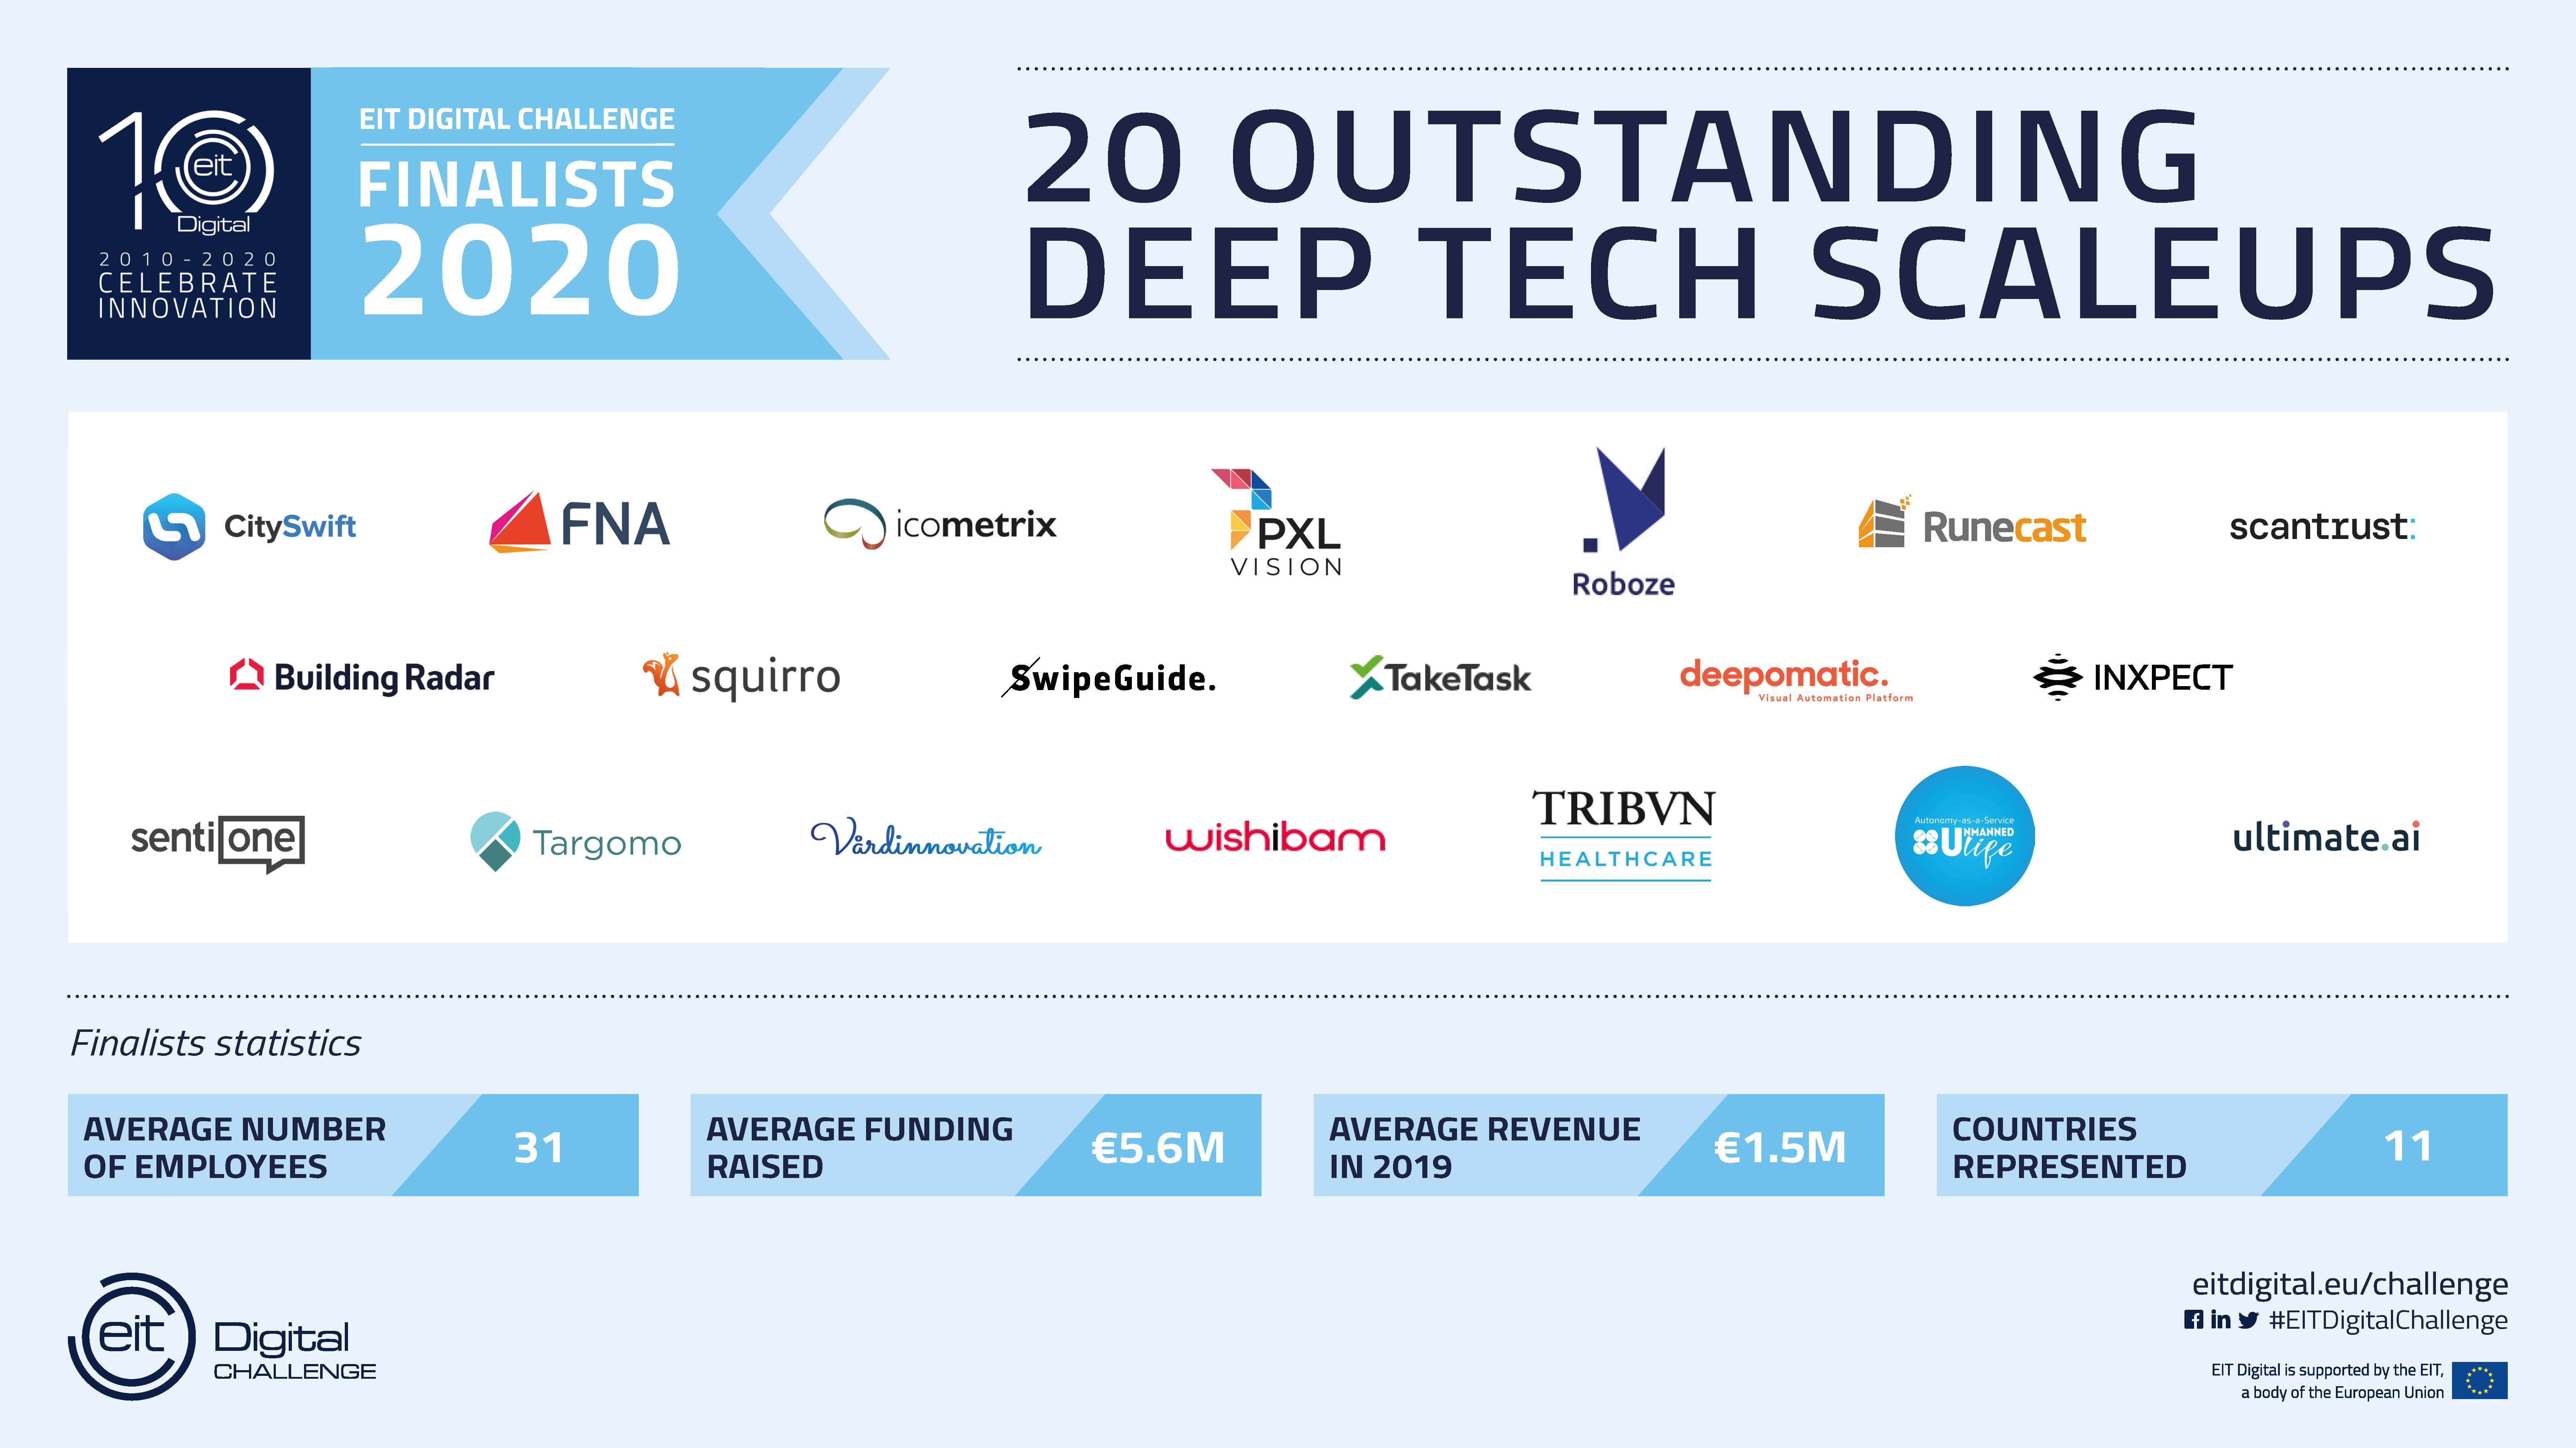 EIT Digital Challenge Finalists 2020